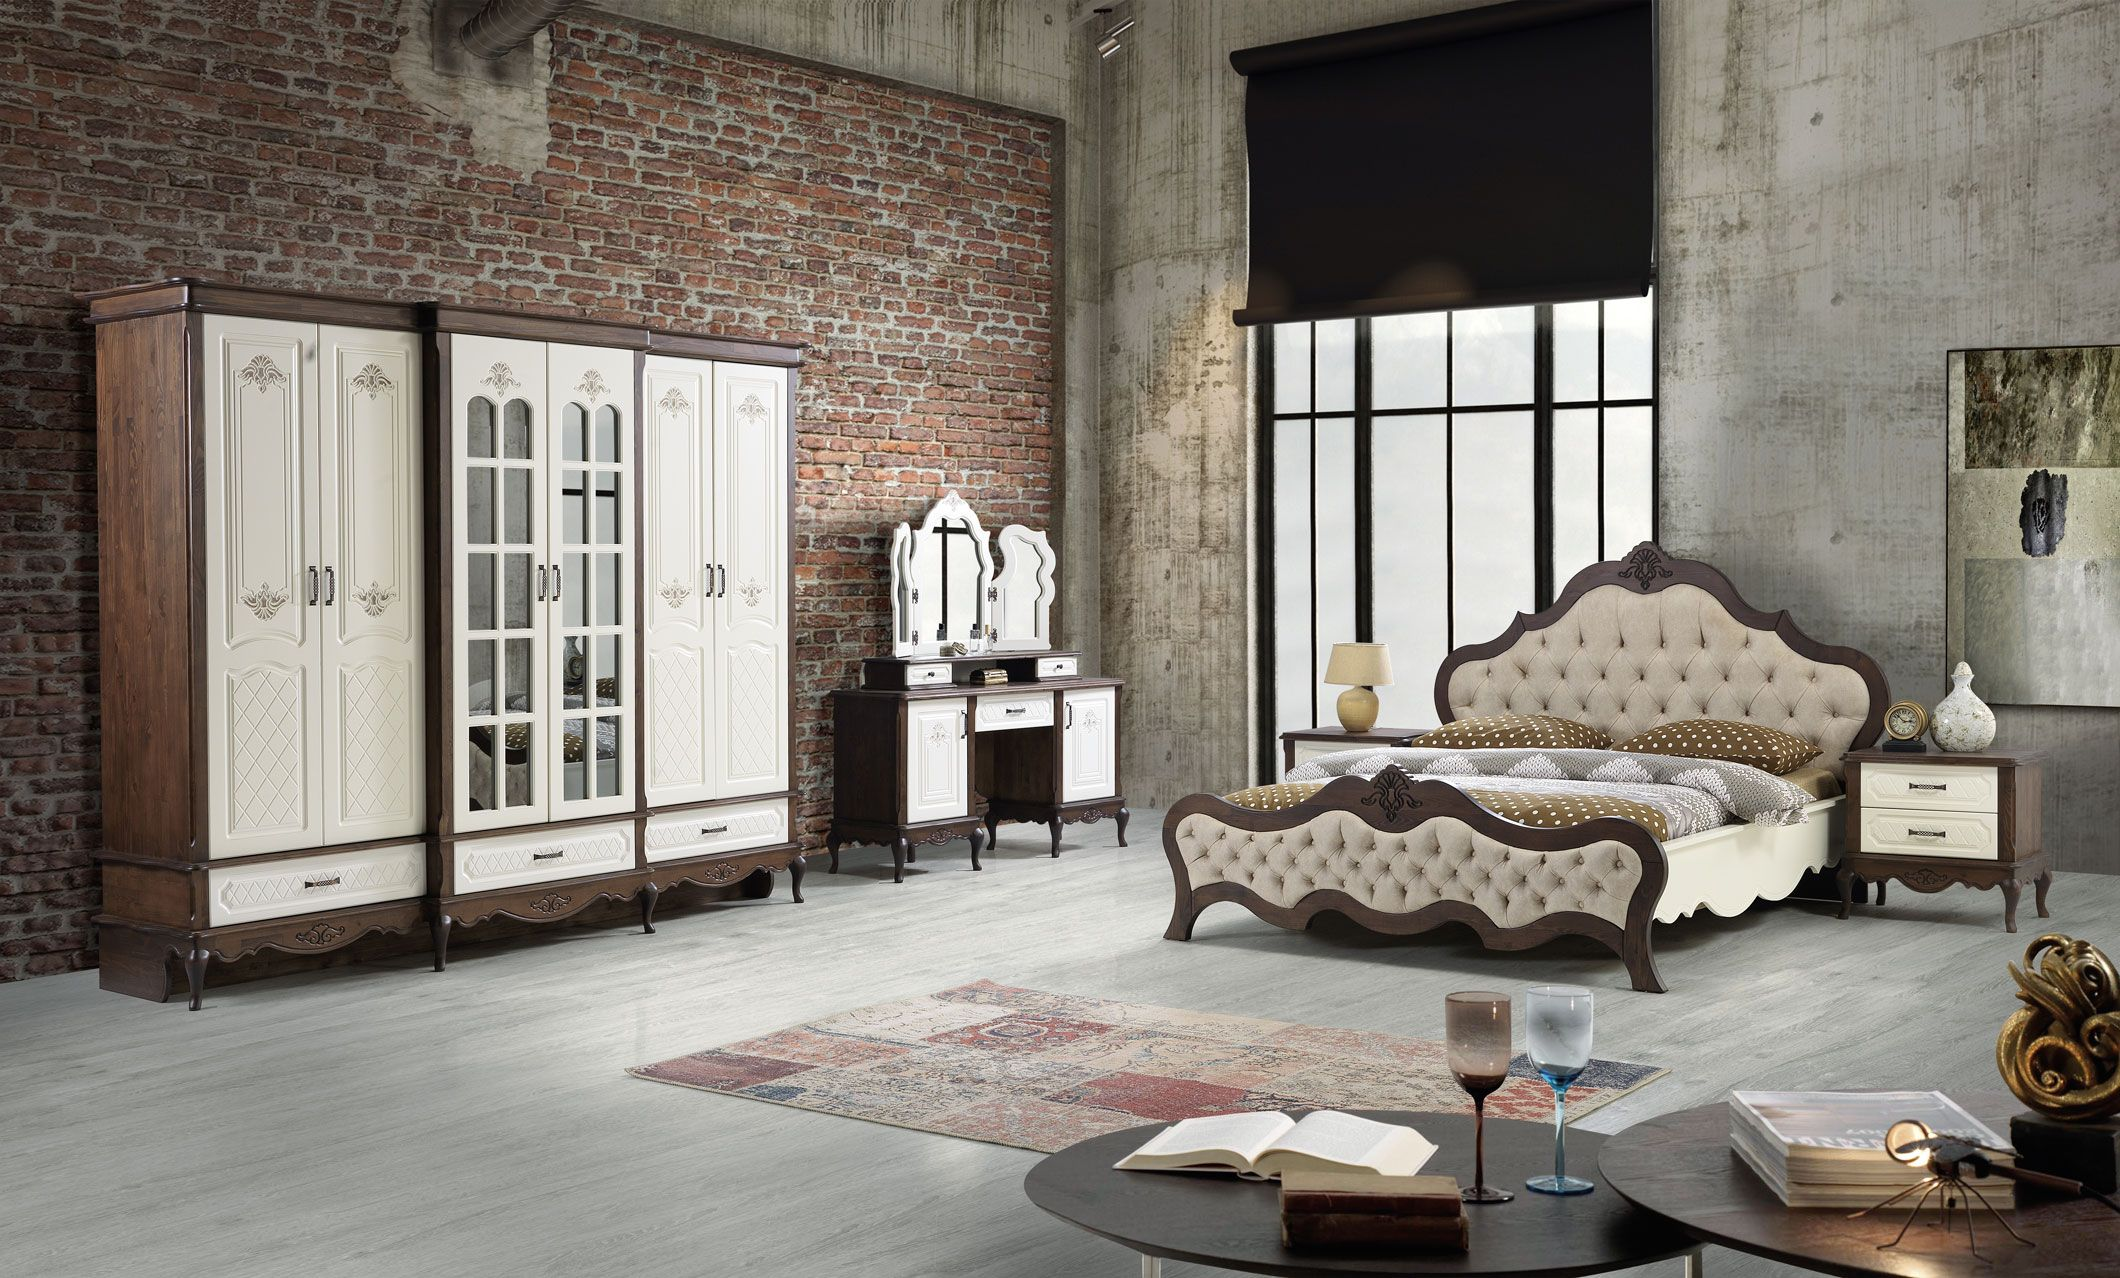 Tutku Country Yatak Odasi 8 750 00 Tl Inegol Mobilya Modelleri Yatak Odasi Mobilya Fikirleri Yatak Odasi Tasarimlari